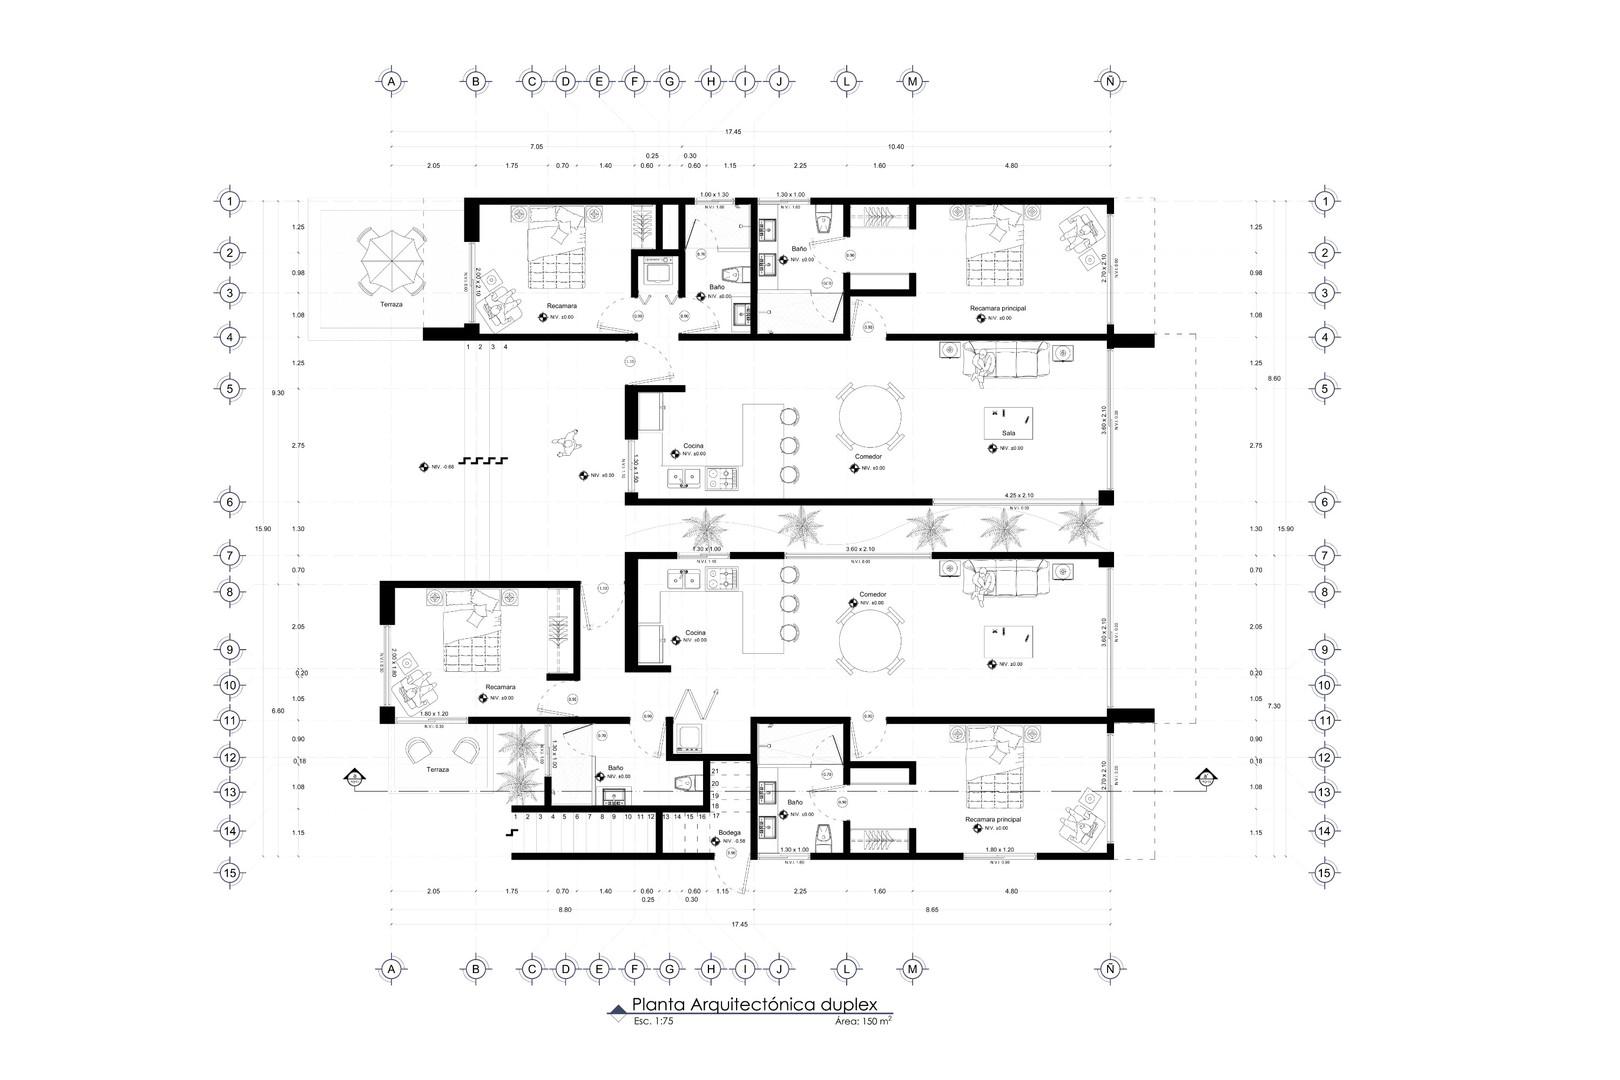 Arquitectonico%20casa%20duplex%20-01_edi